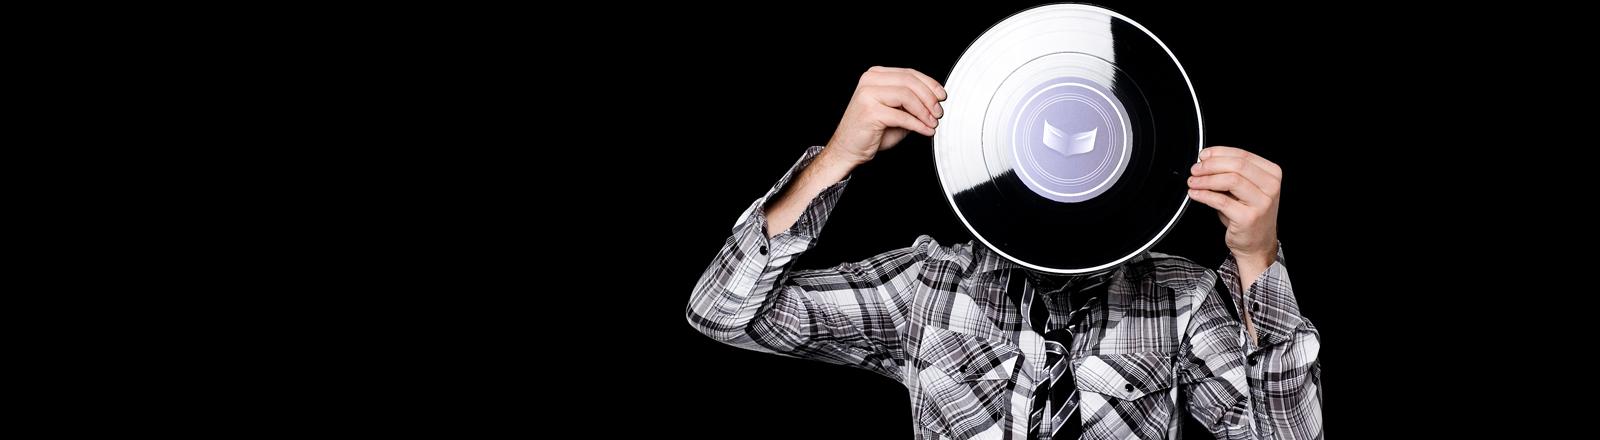 Ein Mann hält sich eine Schallplatte vor das Gesicht.